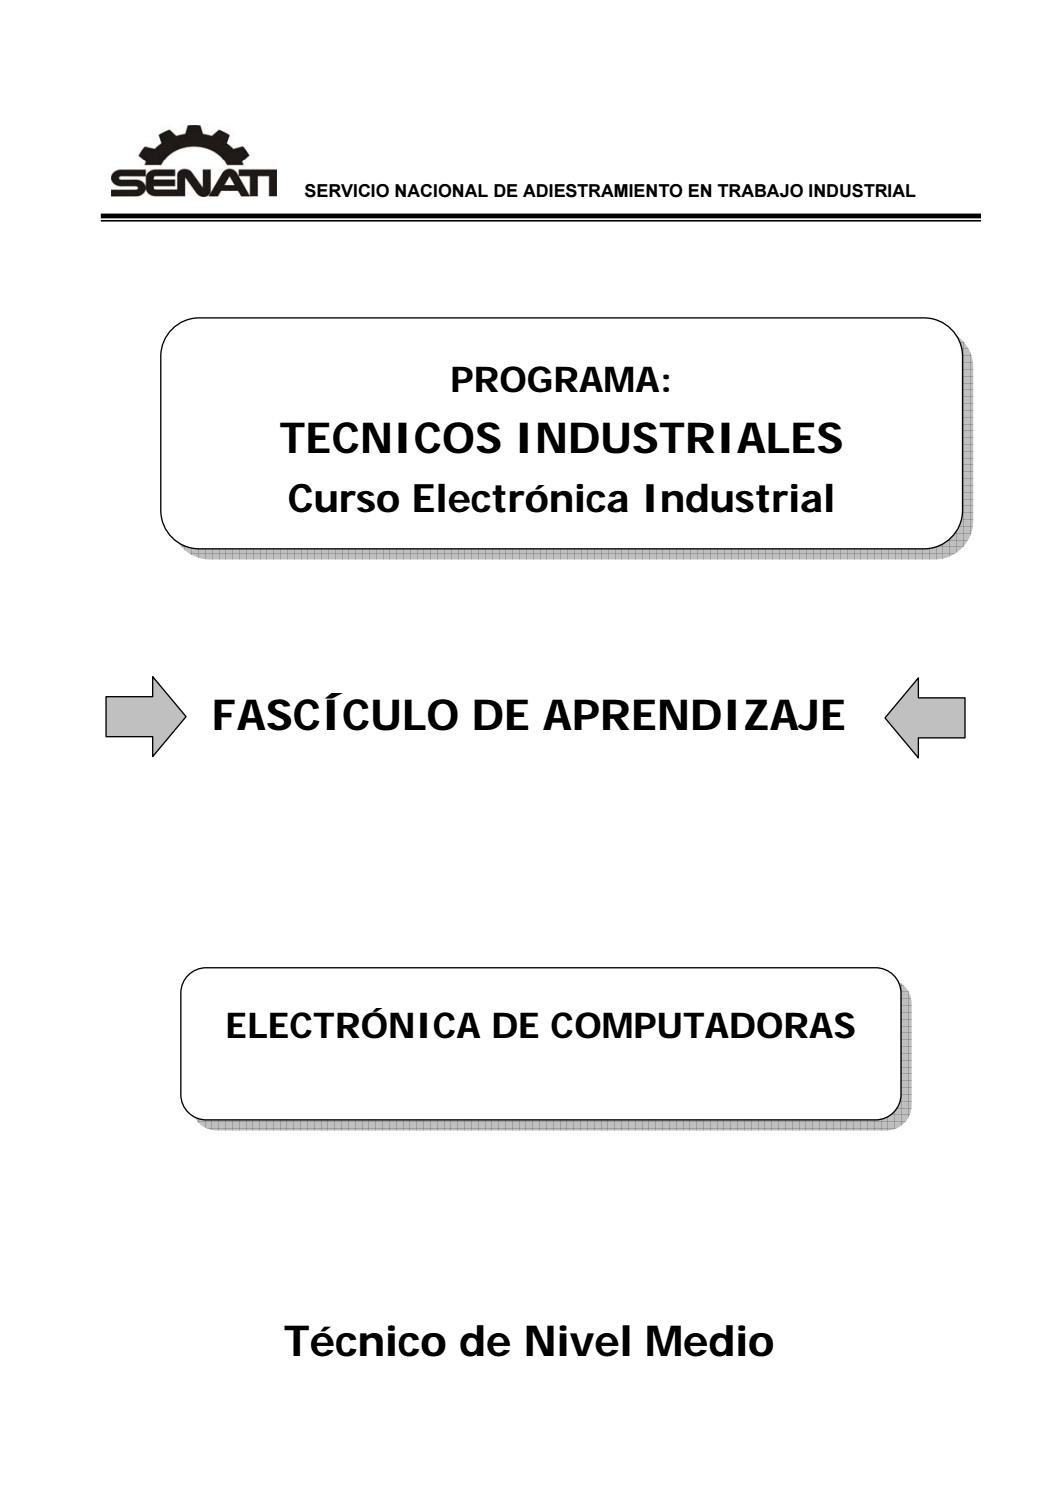 89000383 electronica de computadoras by Leonel Martinez Carrion - issuu